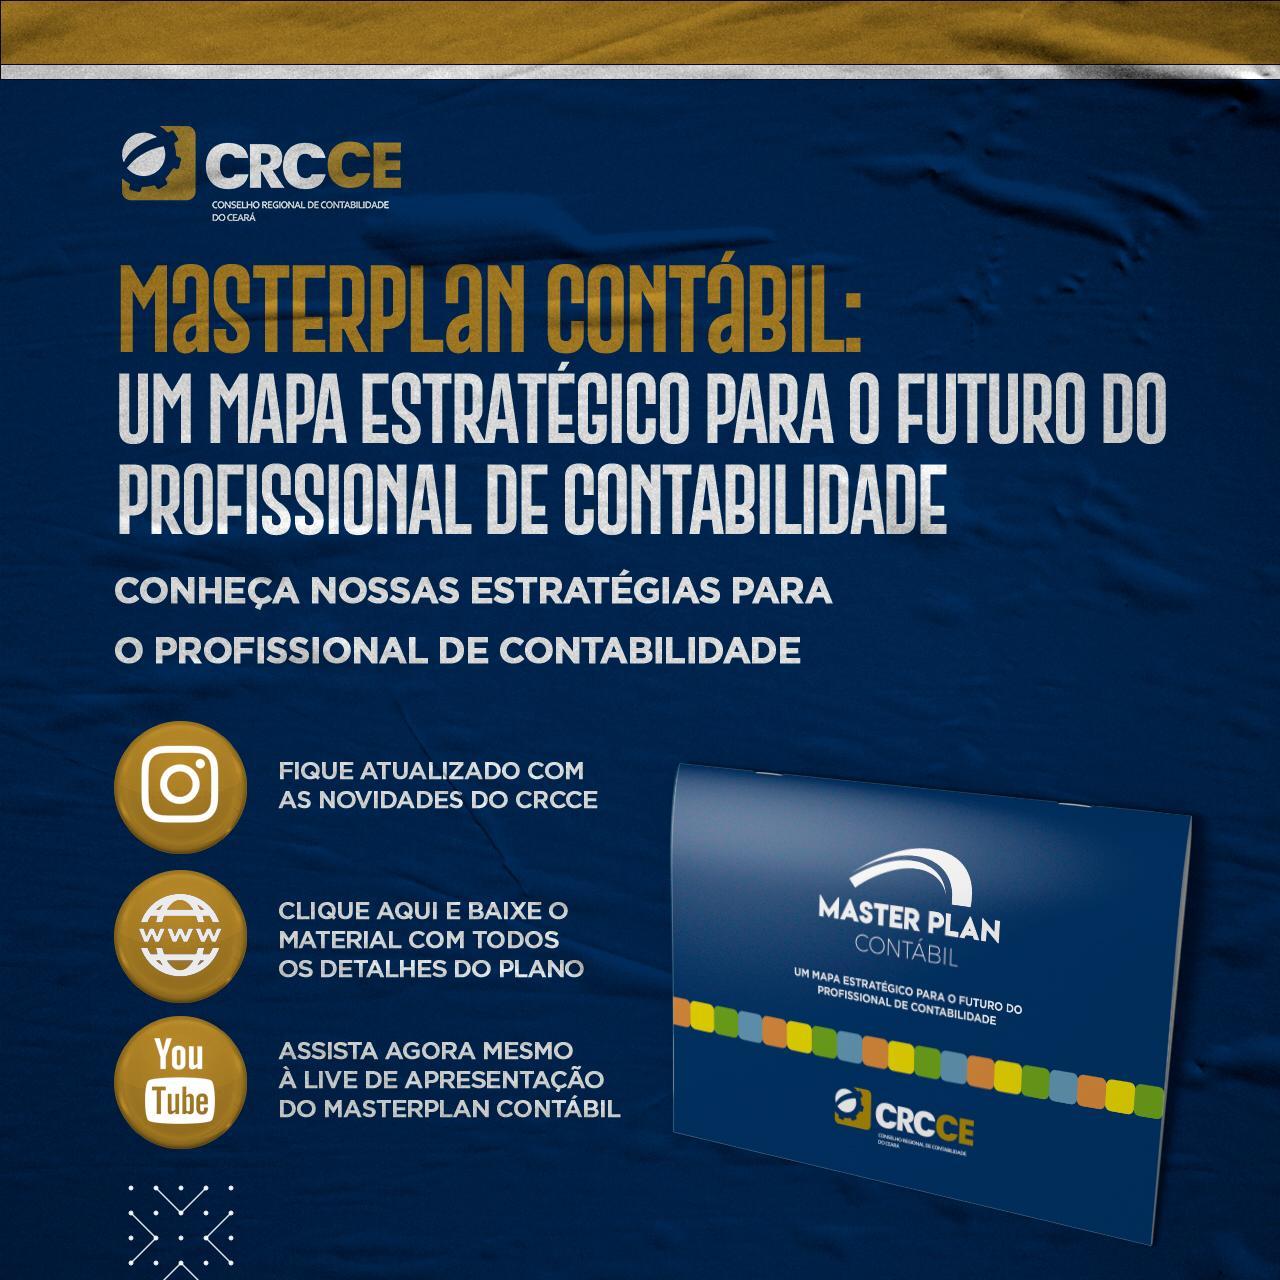 Masterplan Contábil – Um mapa estratégico para o Futuro do Profissional da Contabilidade